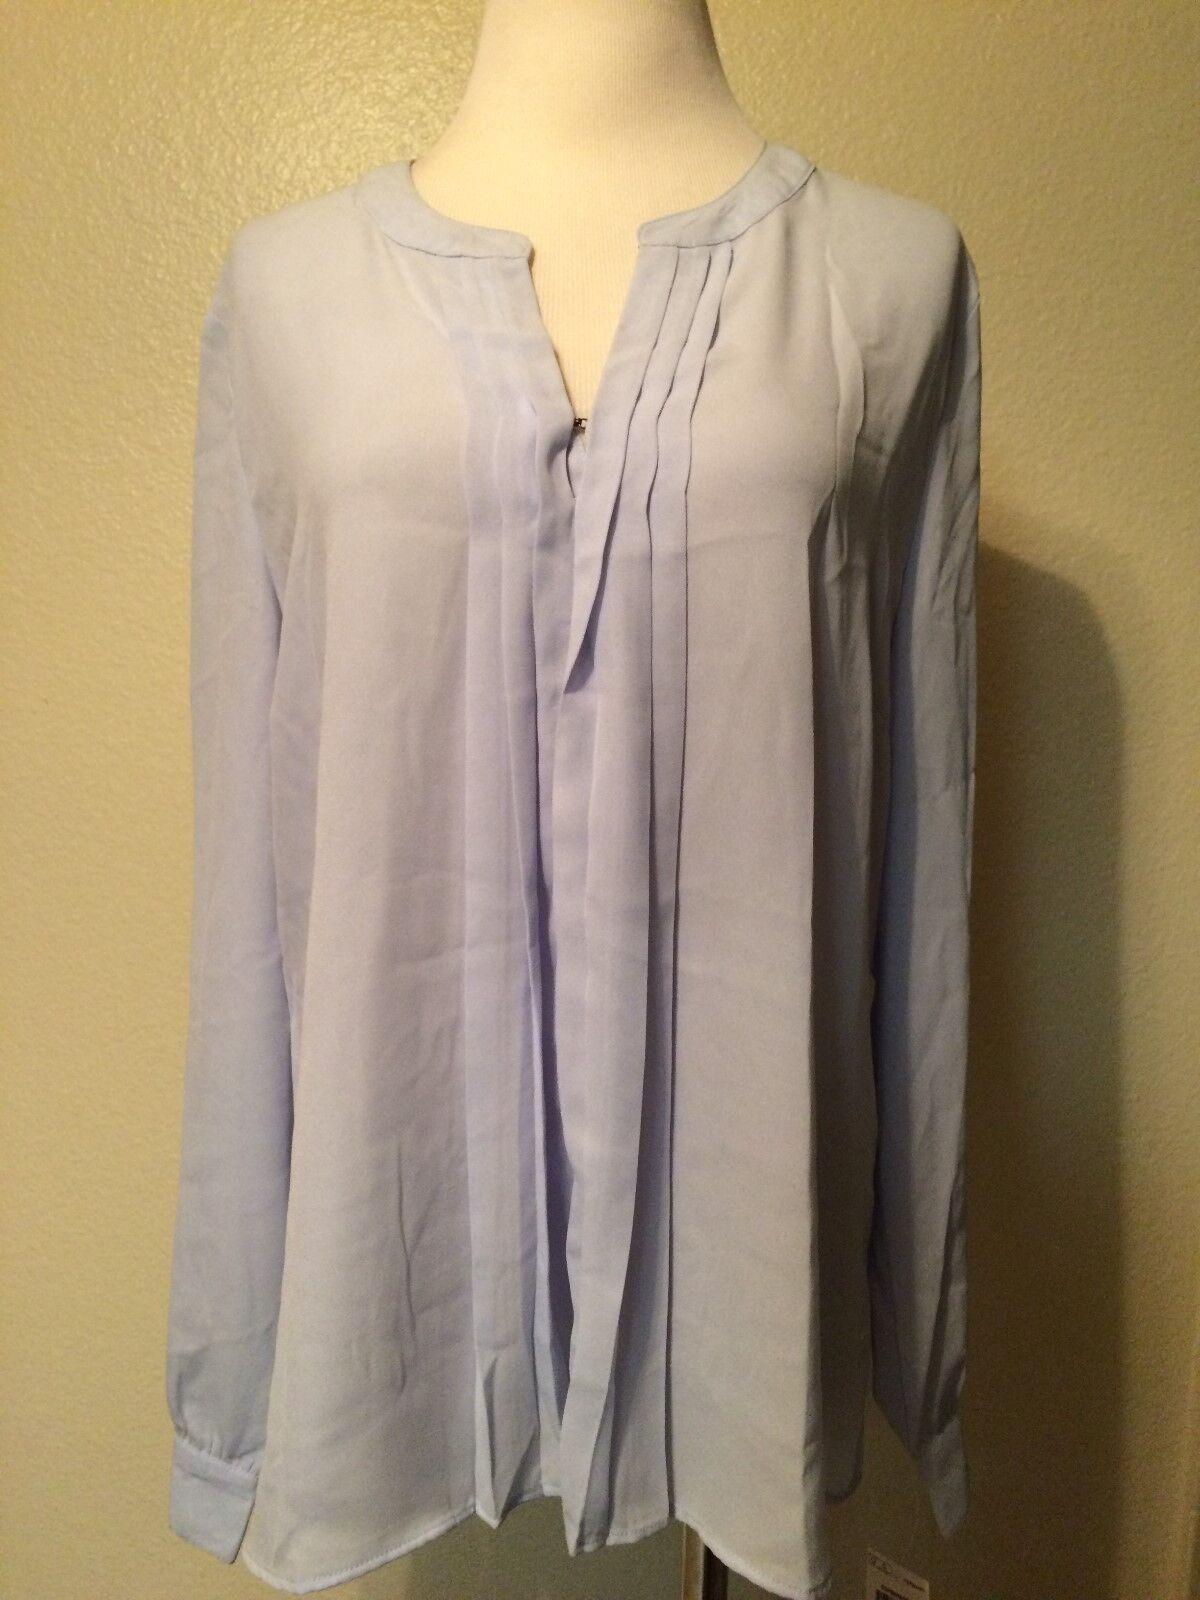 Maison Jules Pleat Front Long Sleeve blouse  bluee  L